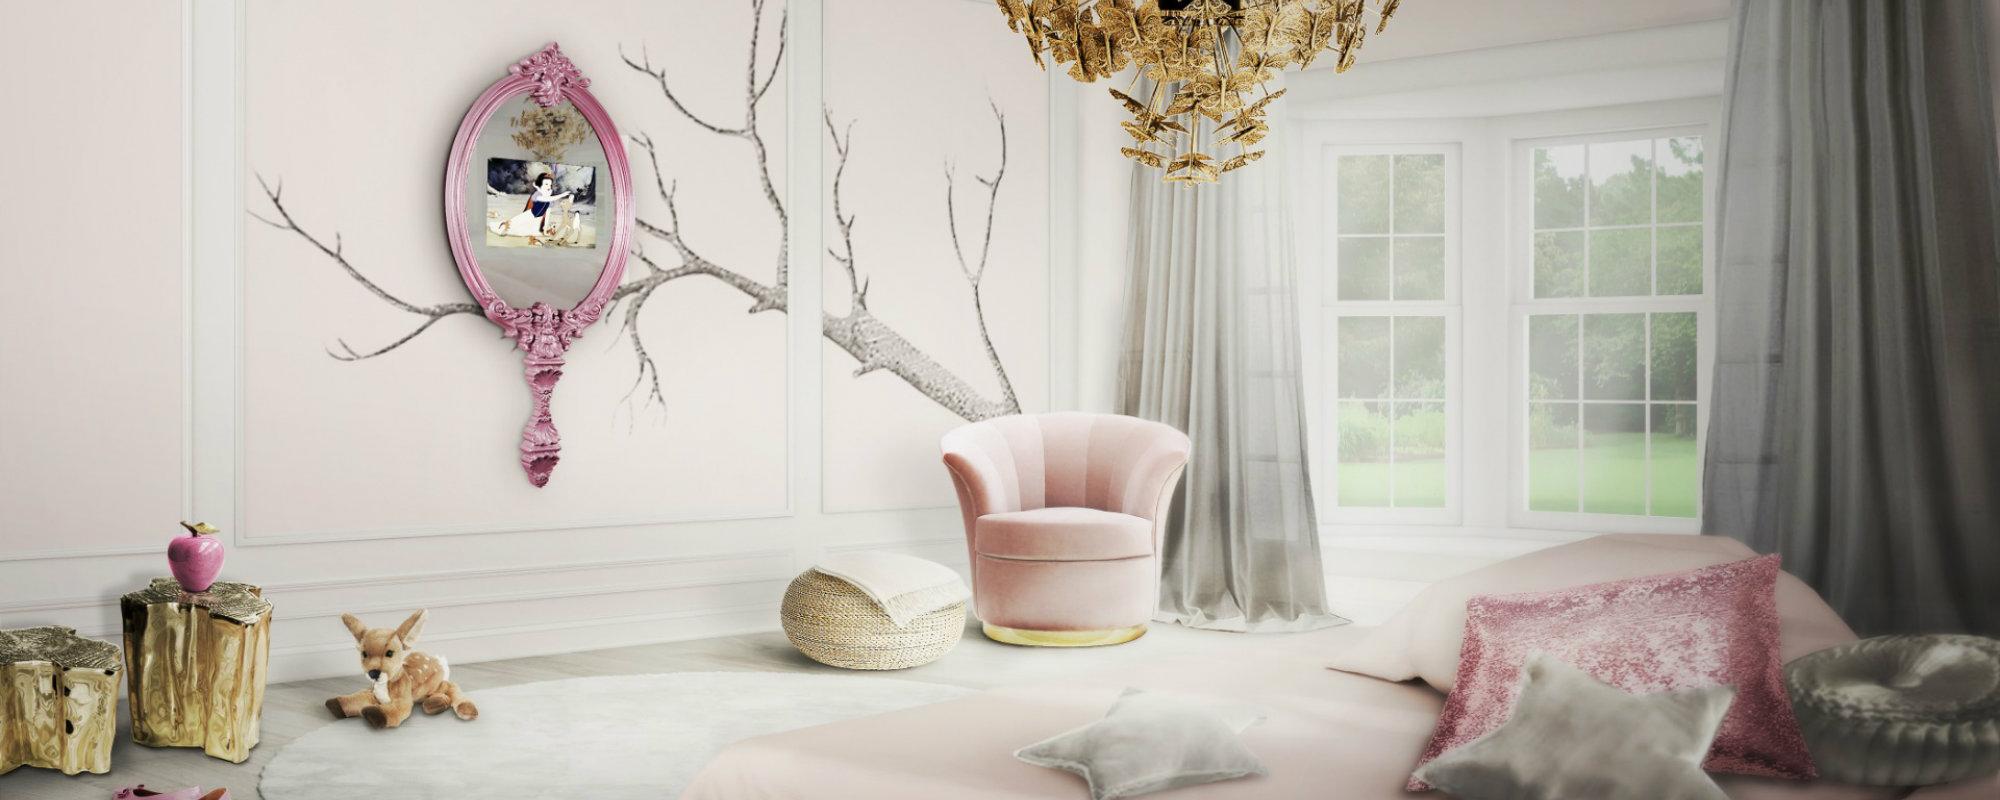 Piezas de lujo: Espejos para una decoración lujuosa piezas de lujo Piezas de lujo: Espejos para una decoración lujuosa Featured 12